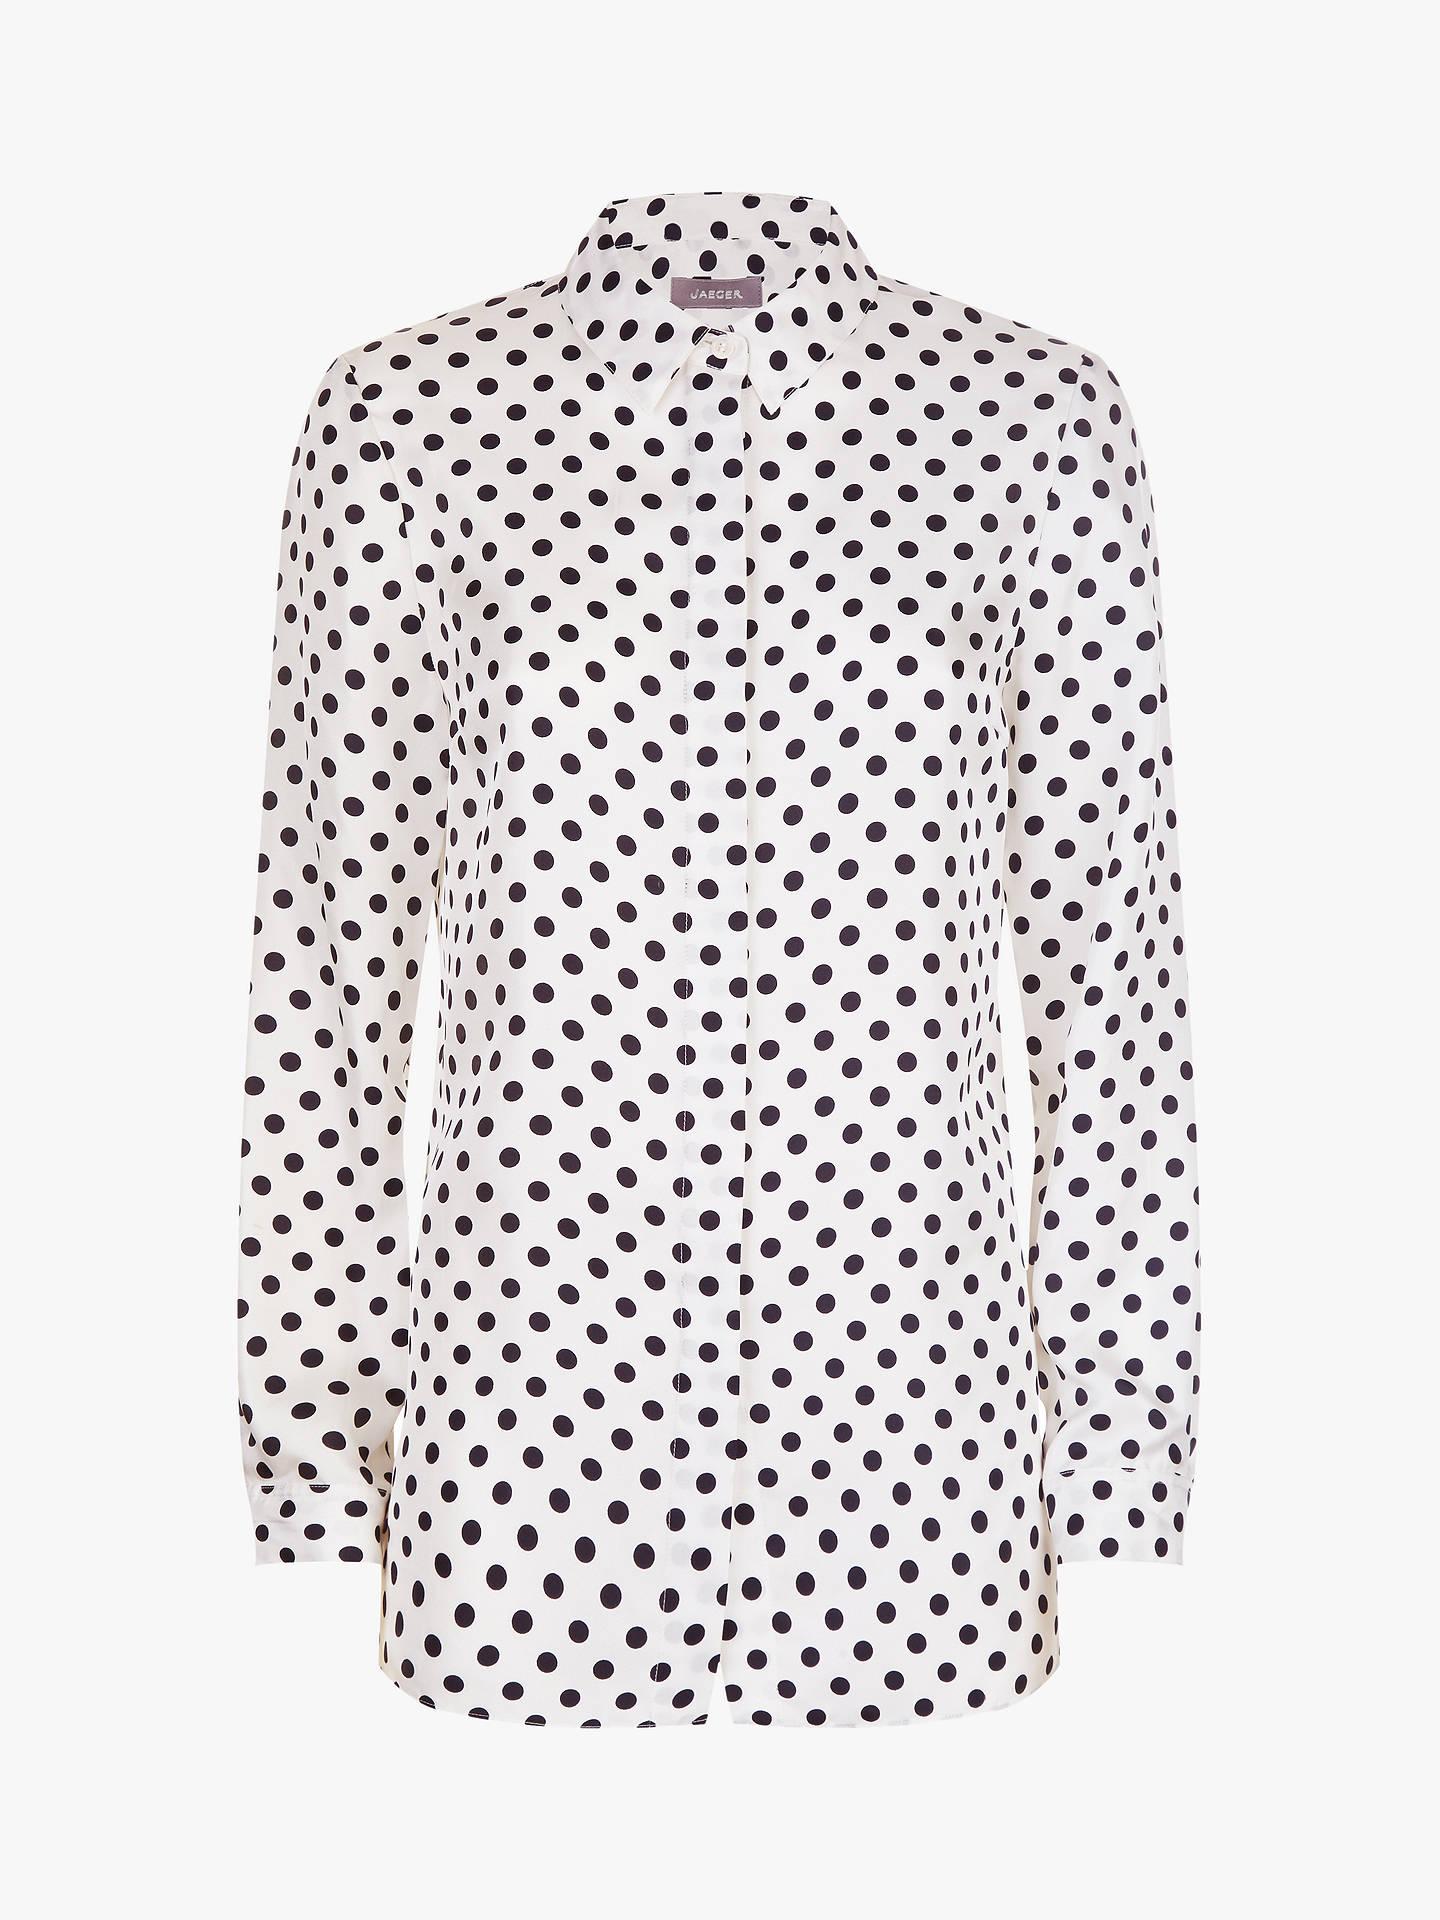 5a6ee8ef163c82 ... Buy Jaeger Polka Dot Silk Shirt